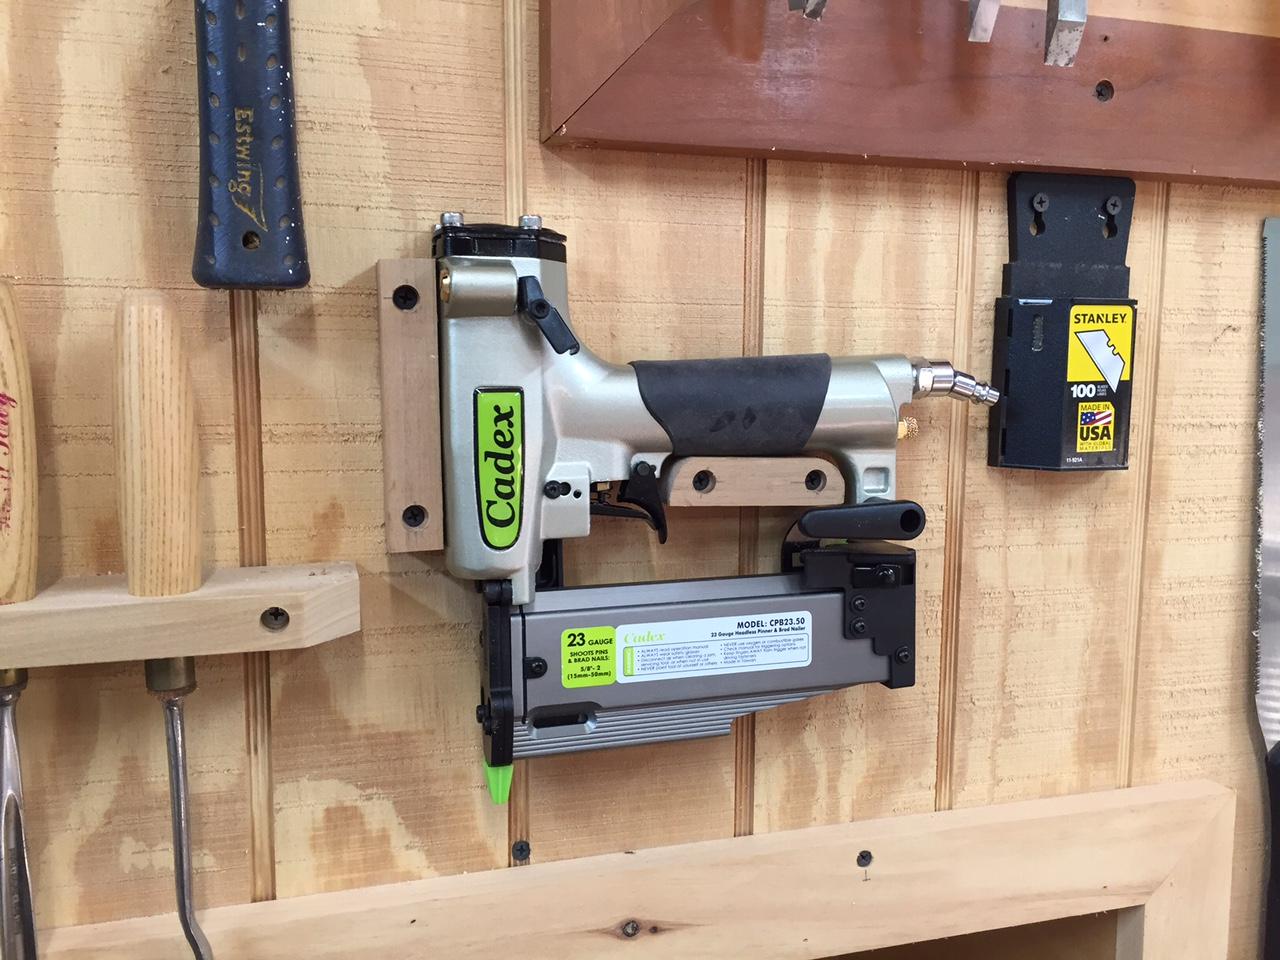 Cadex 23 Gauge Pin Nailer – Nail Gun Review